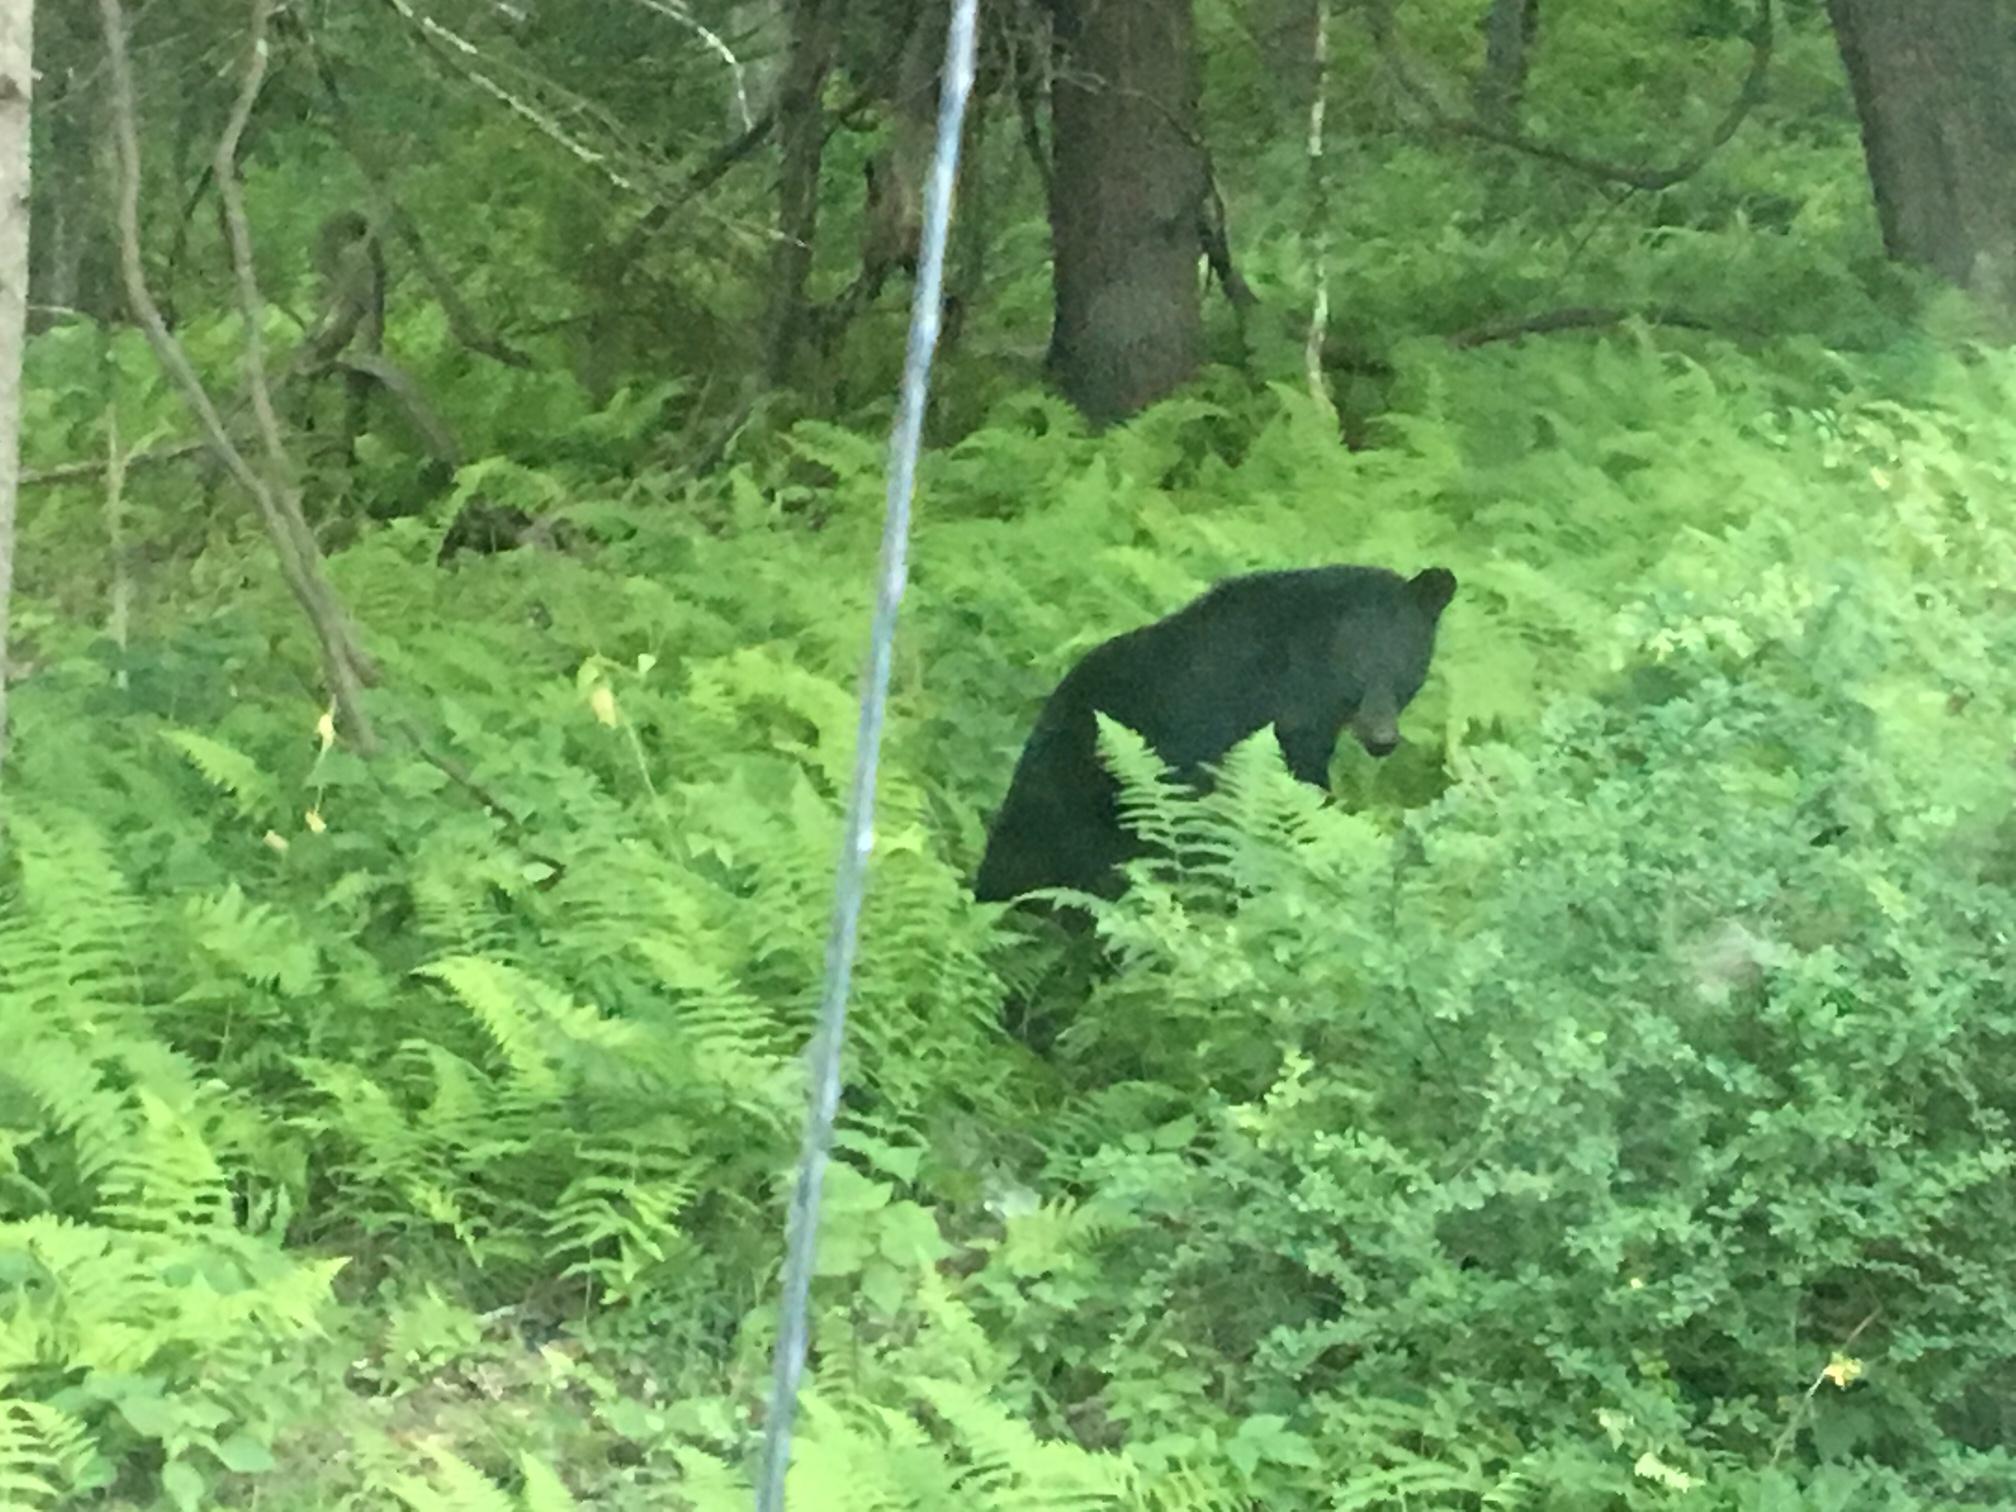 Bear mischief.